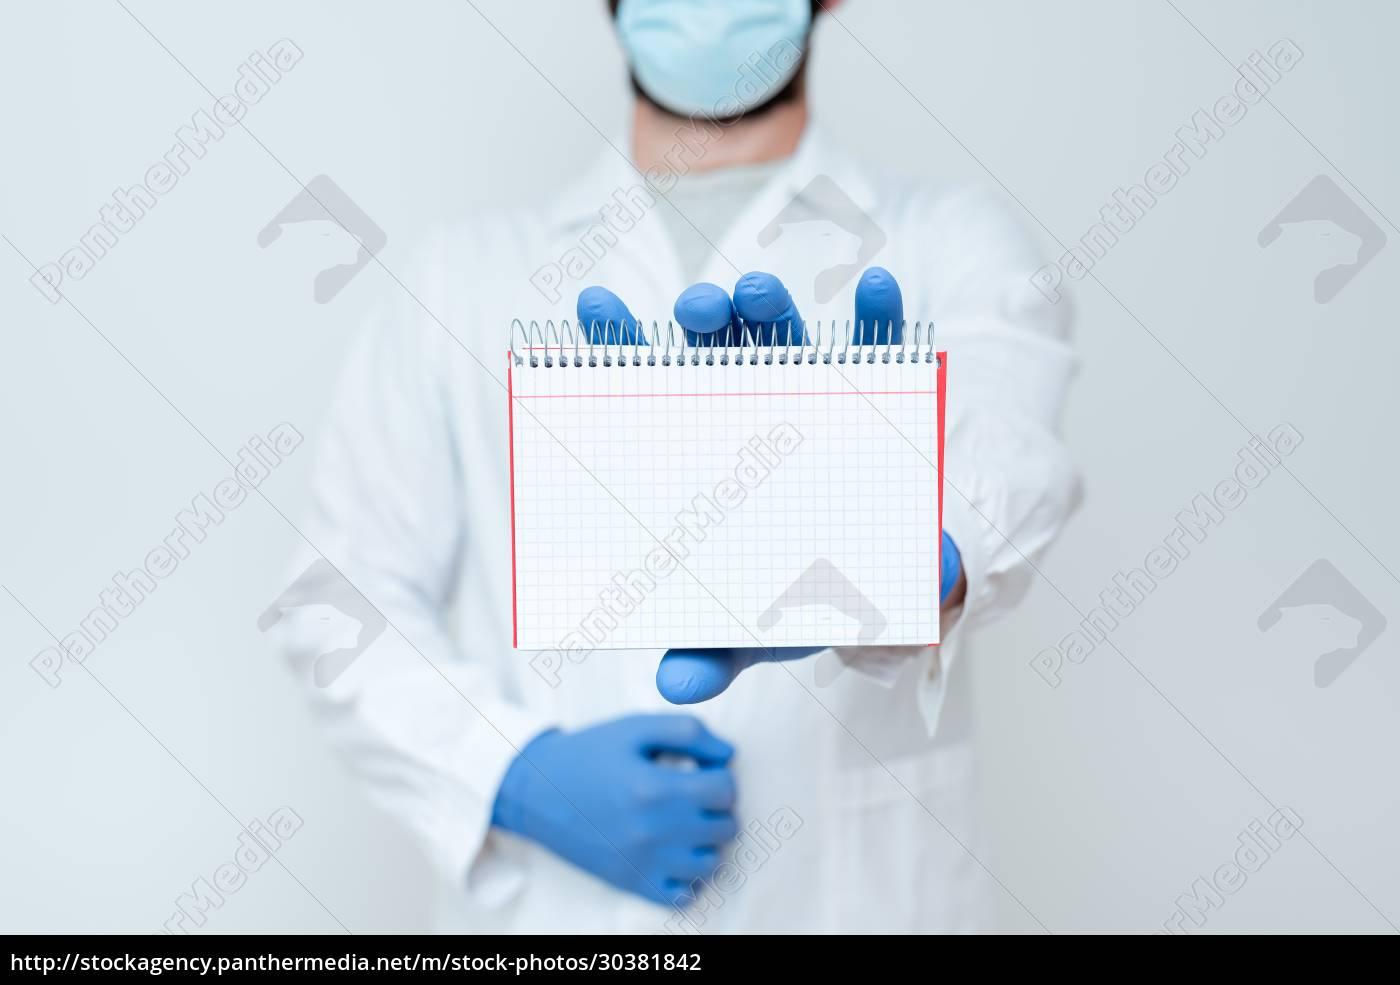 wissenschaftler, präsentiert, neue, forschungsergebnisse, chemiker, plant, vorausverfahren, schreibt - 30381842